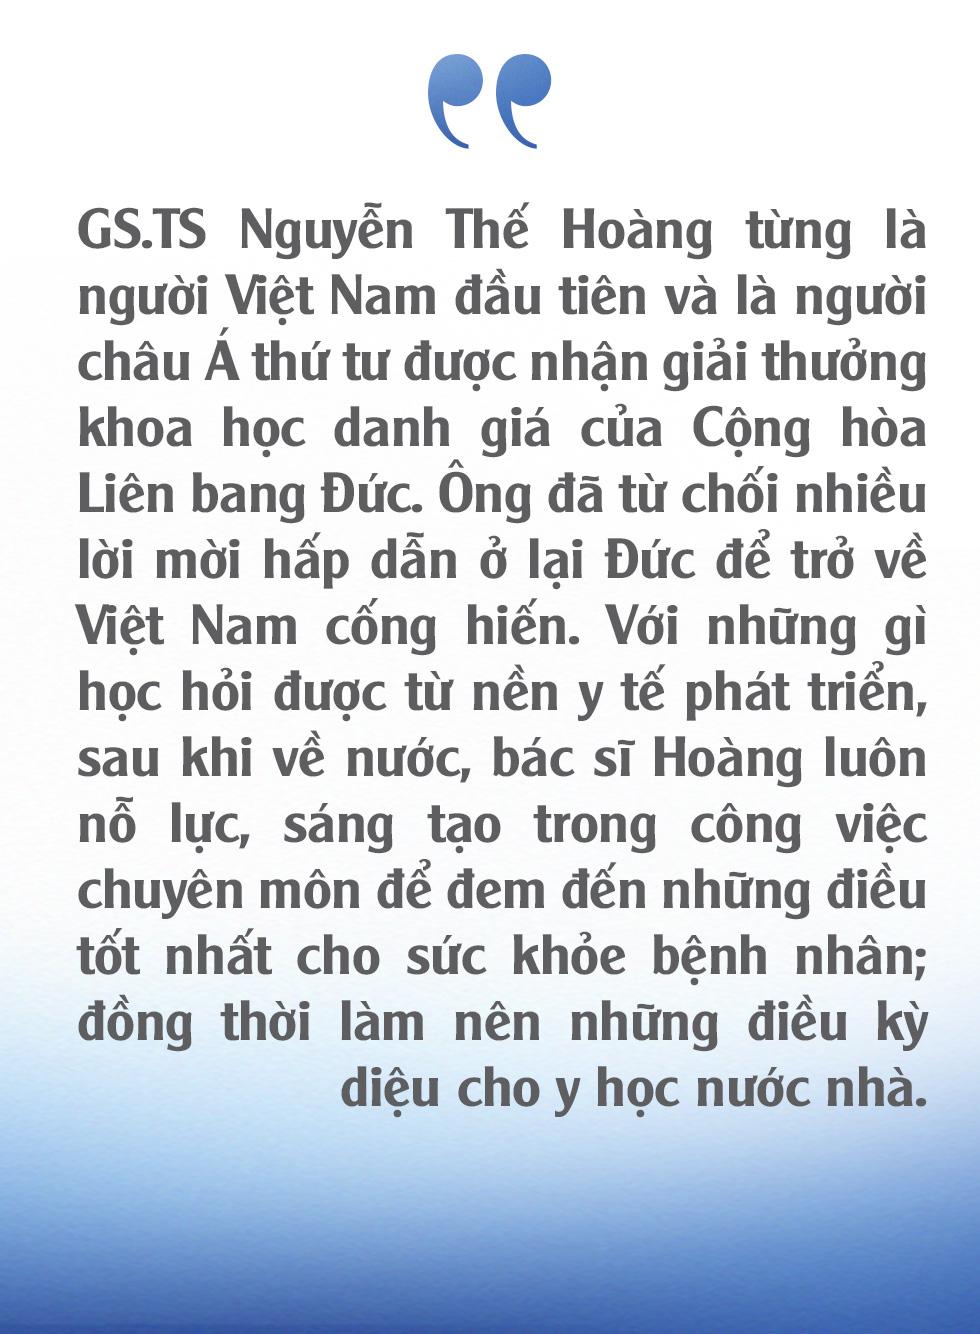 2020 - Năm kỷ lục của ngành y Việt Nam - Ảnh 3.